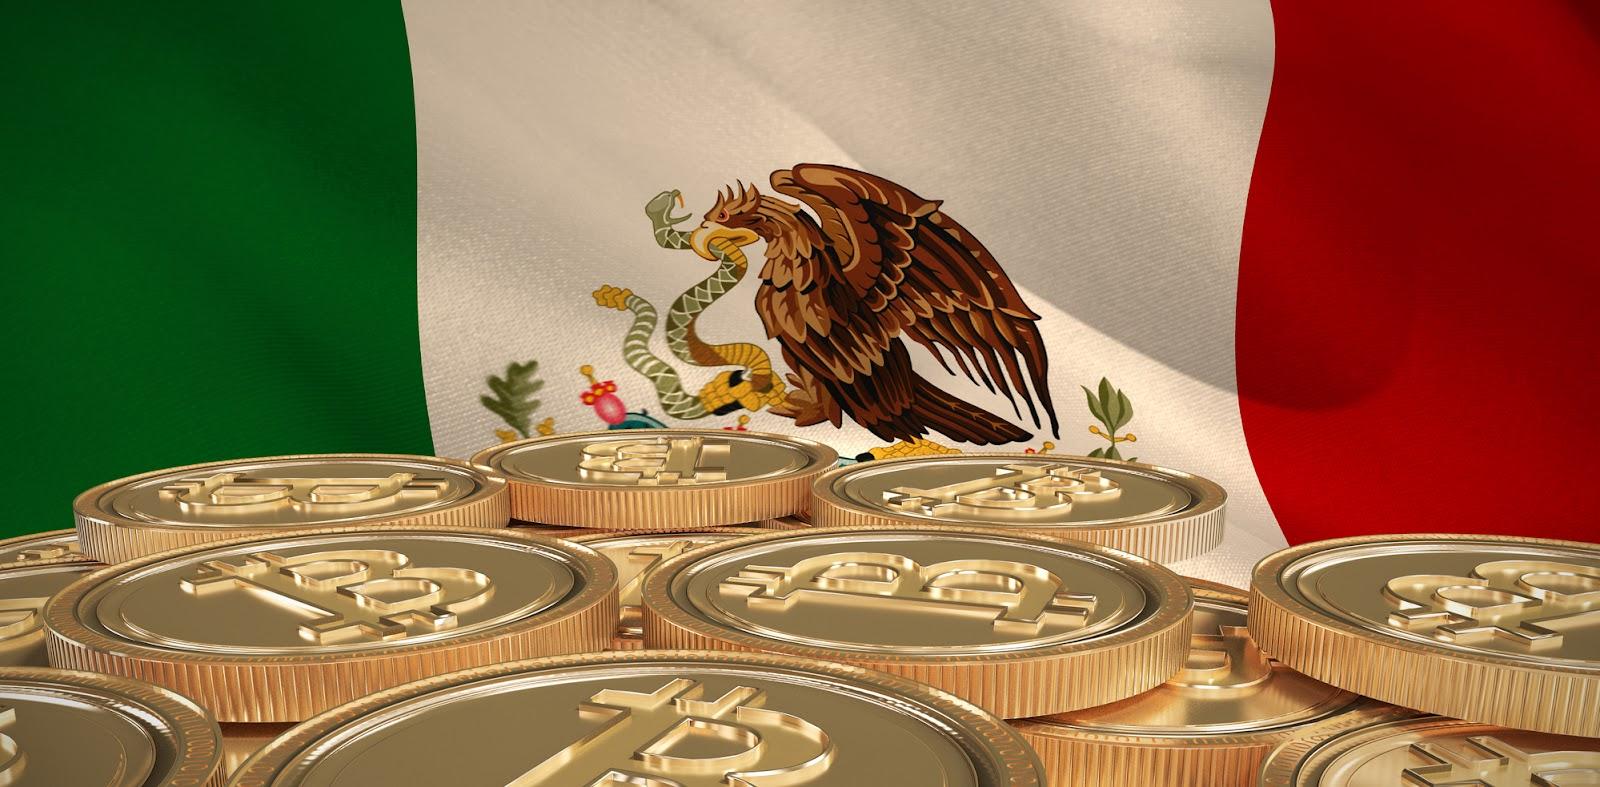 1 XEM to MXN (NEM to Mexican Peso) - BitcoinsPrice